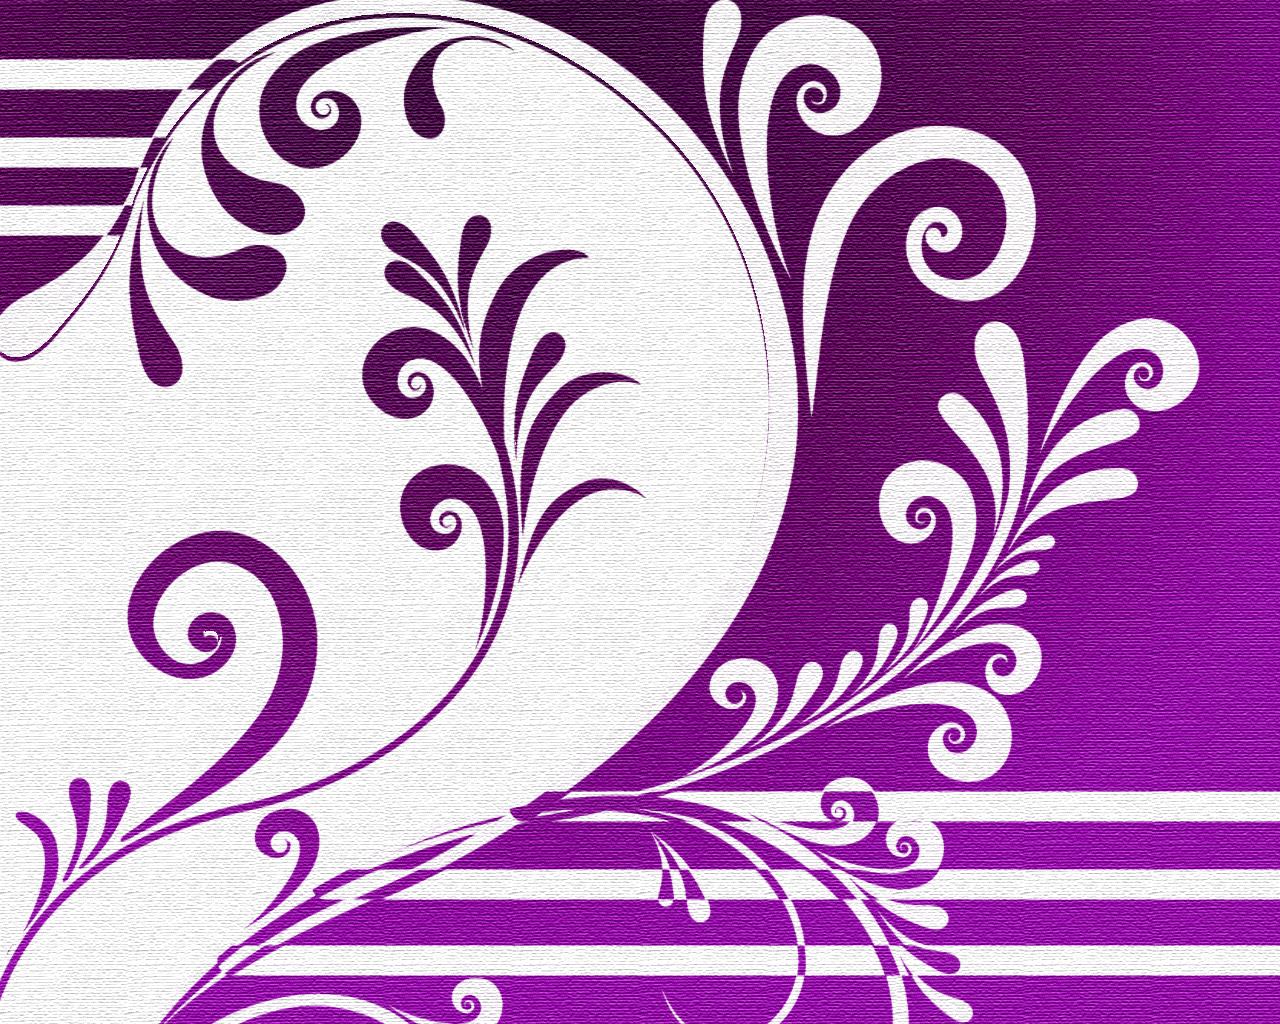 Sh Yn Design: September 2013